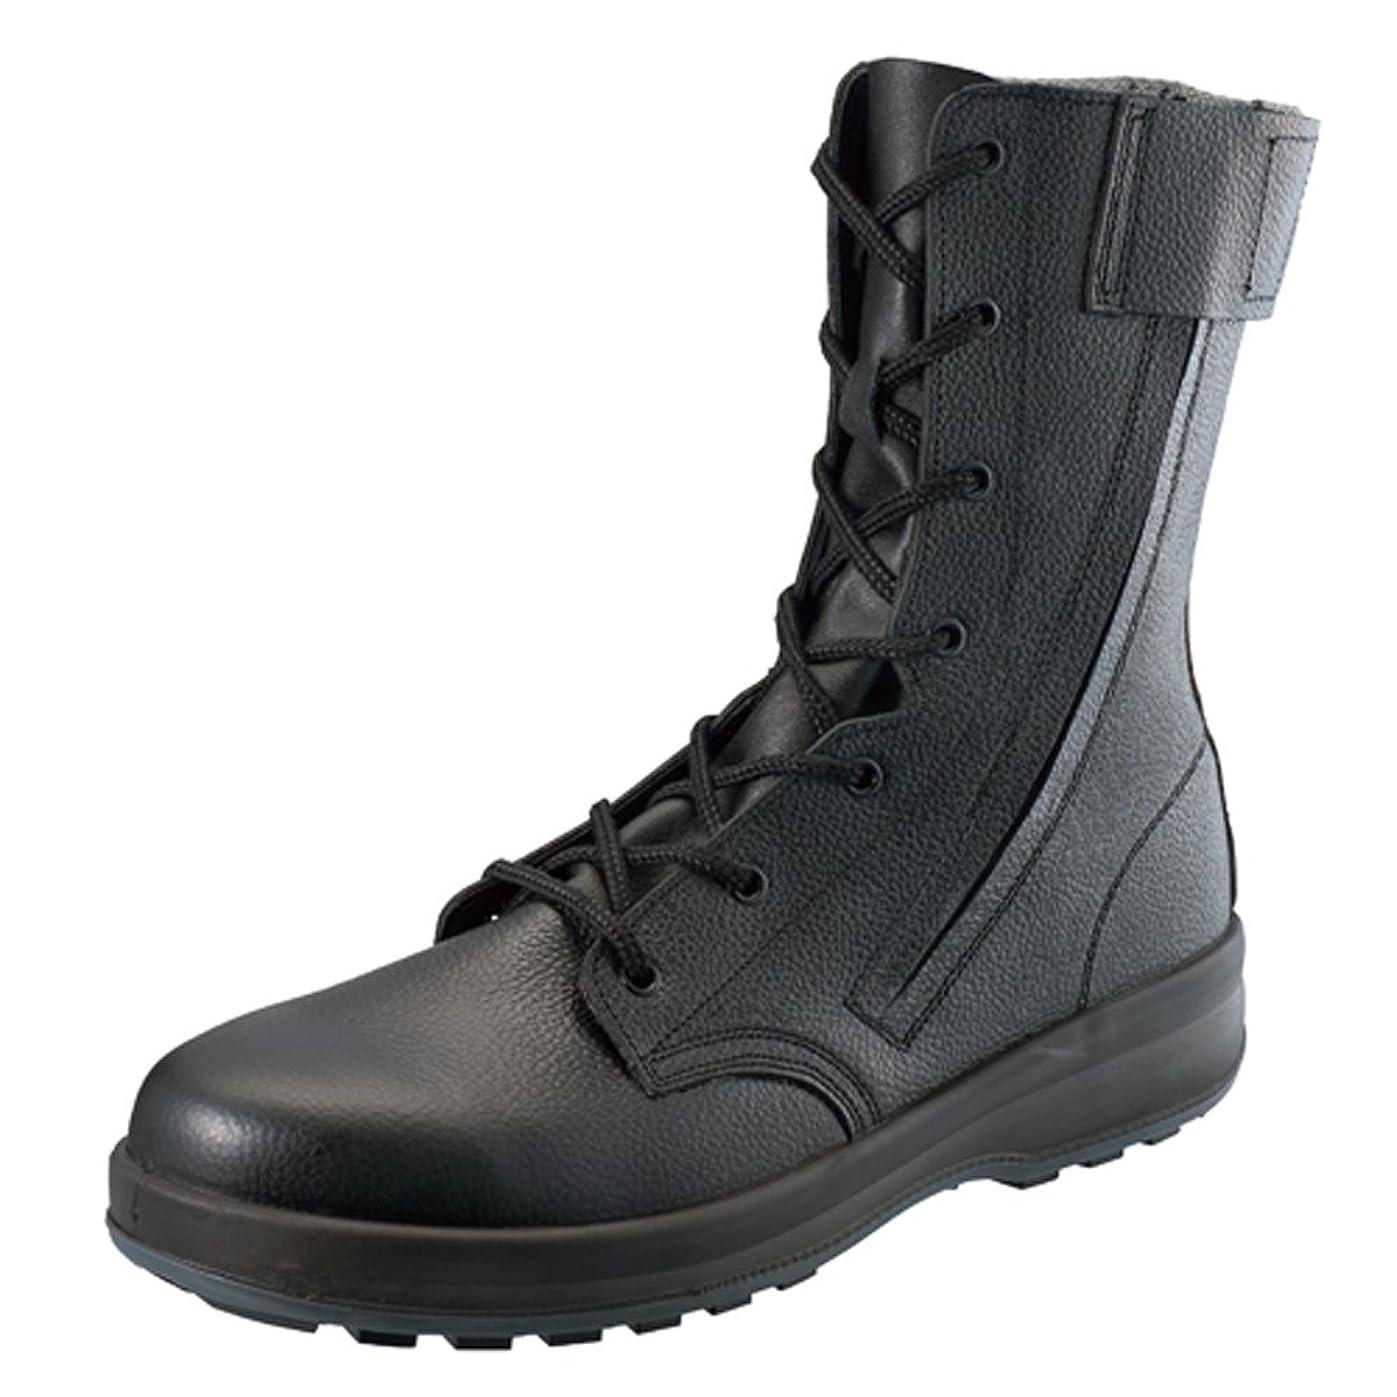 [シモン] 【WS33HiFR】長編上靴 防災用靴 耐滑性に優れる(F合格)踏抜き防止板内蔵